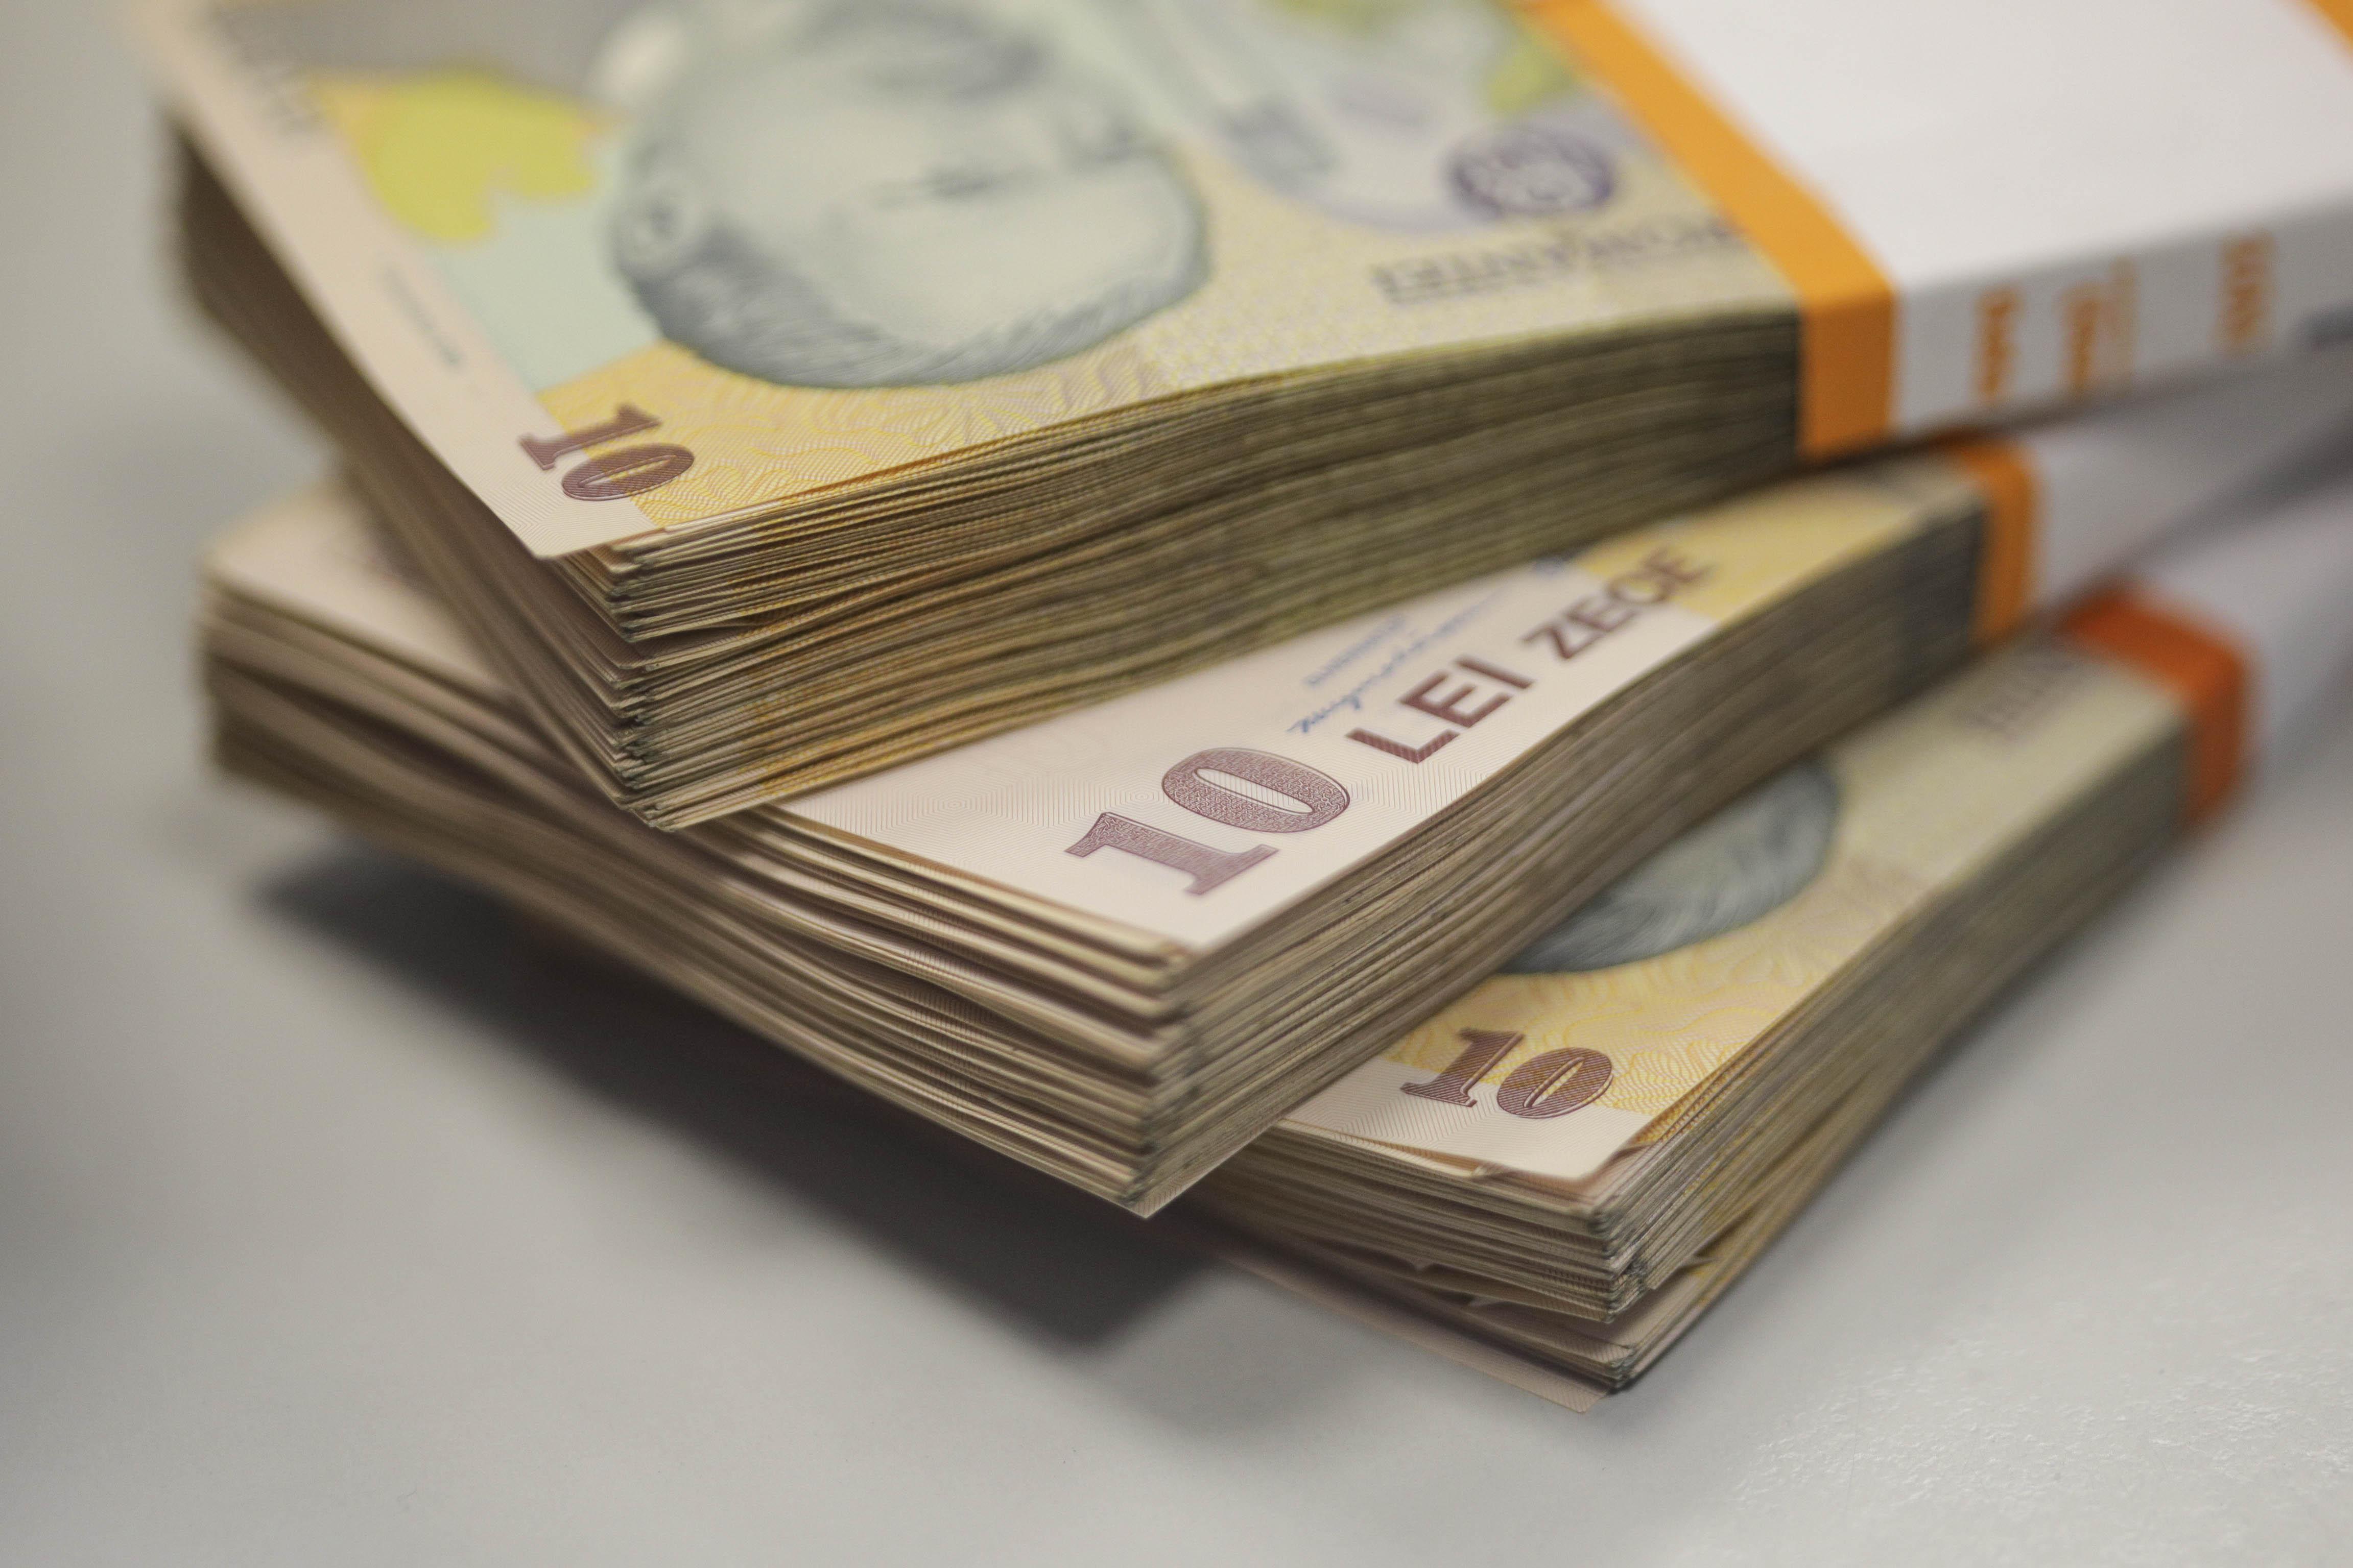 Romania, campioana UE la deficitul guvernamental si la cresterea datoriei guvernamentale, in trimestrul trei 2019